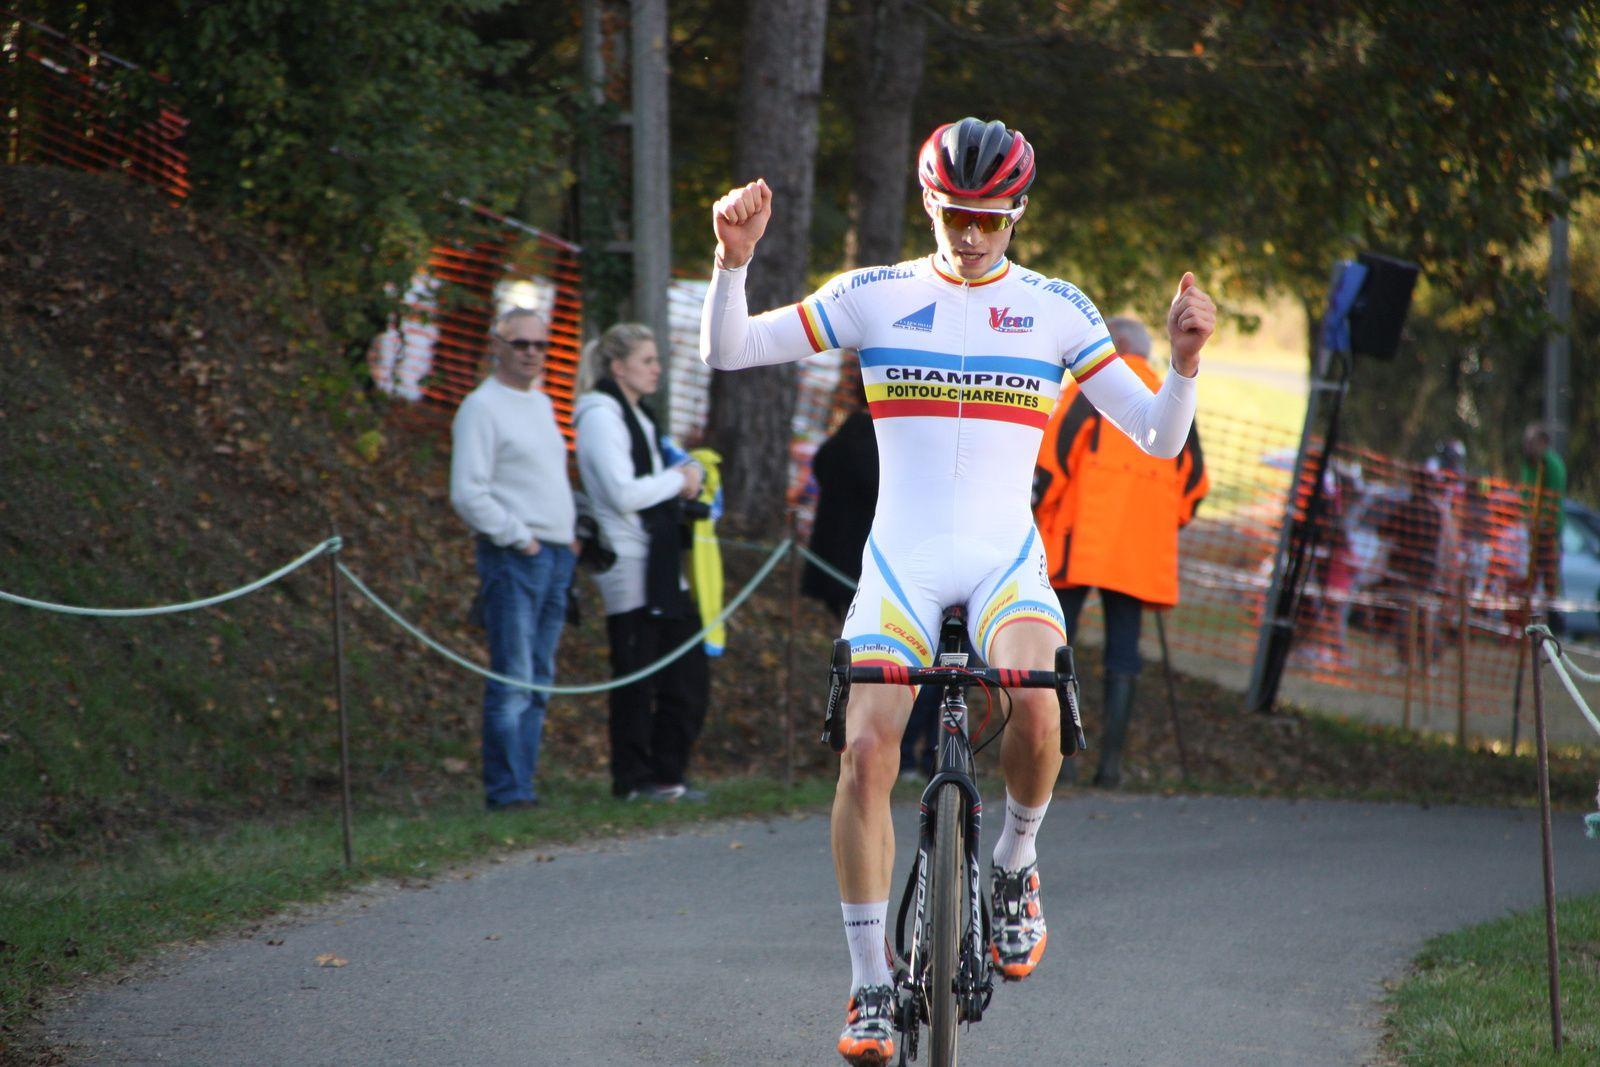 L'arrivée  et  la  victoire  de  Gaétan  BOUCHERY(VC  Charente-Océan)